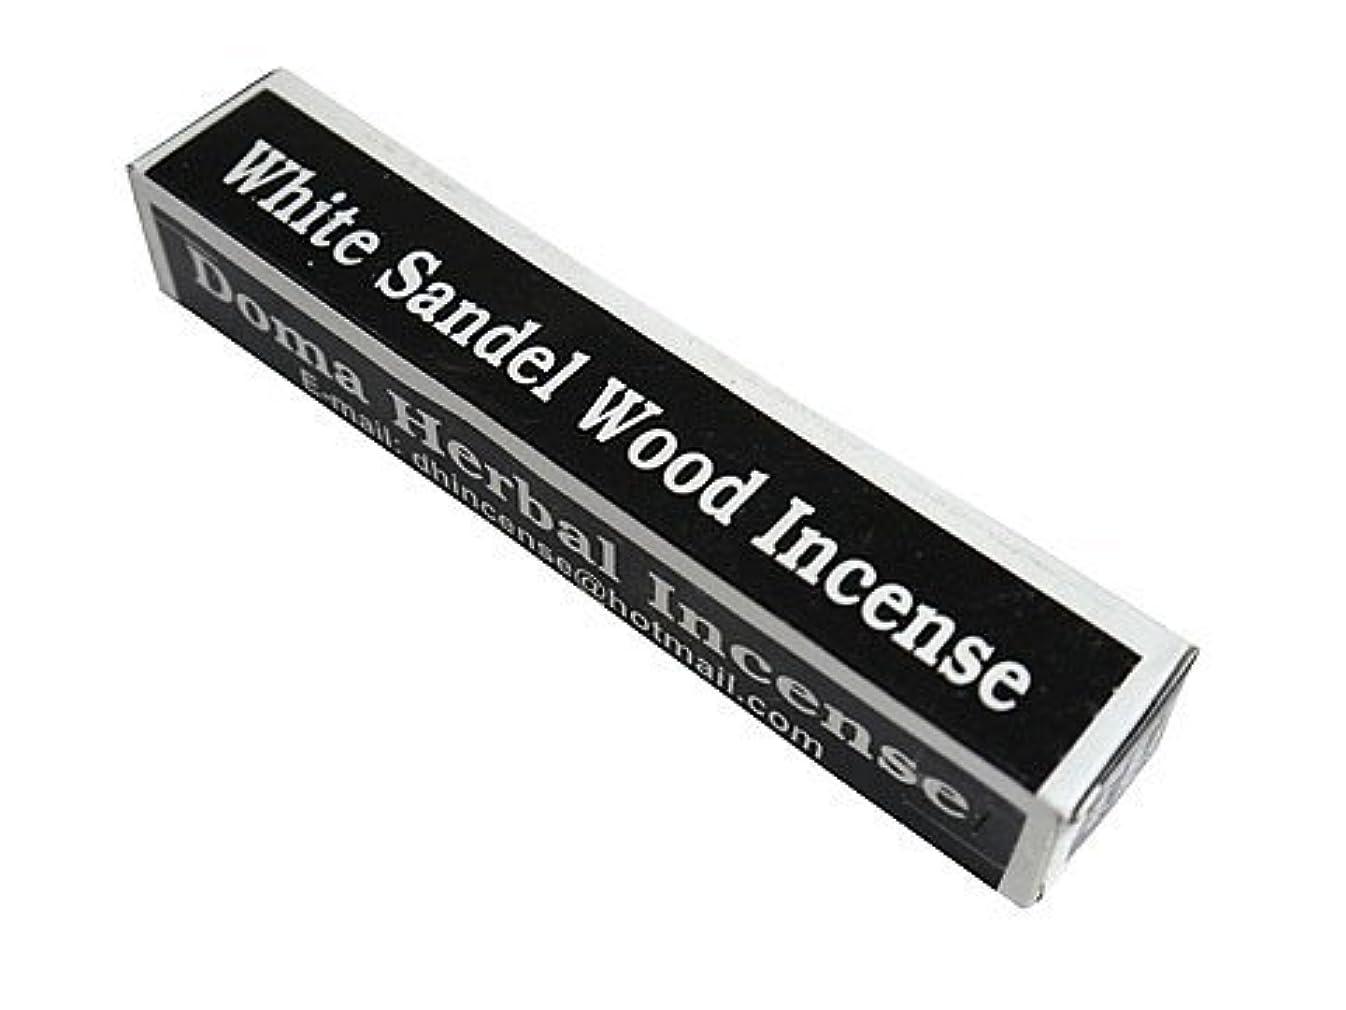 自体有名人篭ドマハーバルインセンス Doma Herbal Incense【WhiteSandalWoodIncense ホワイトサンダルウッド】